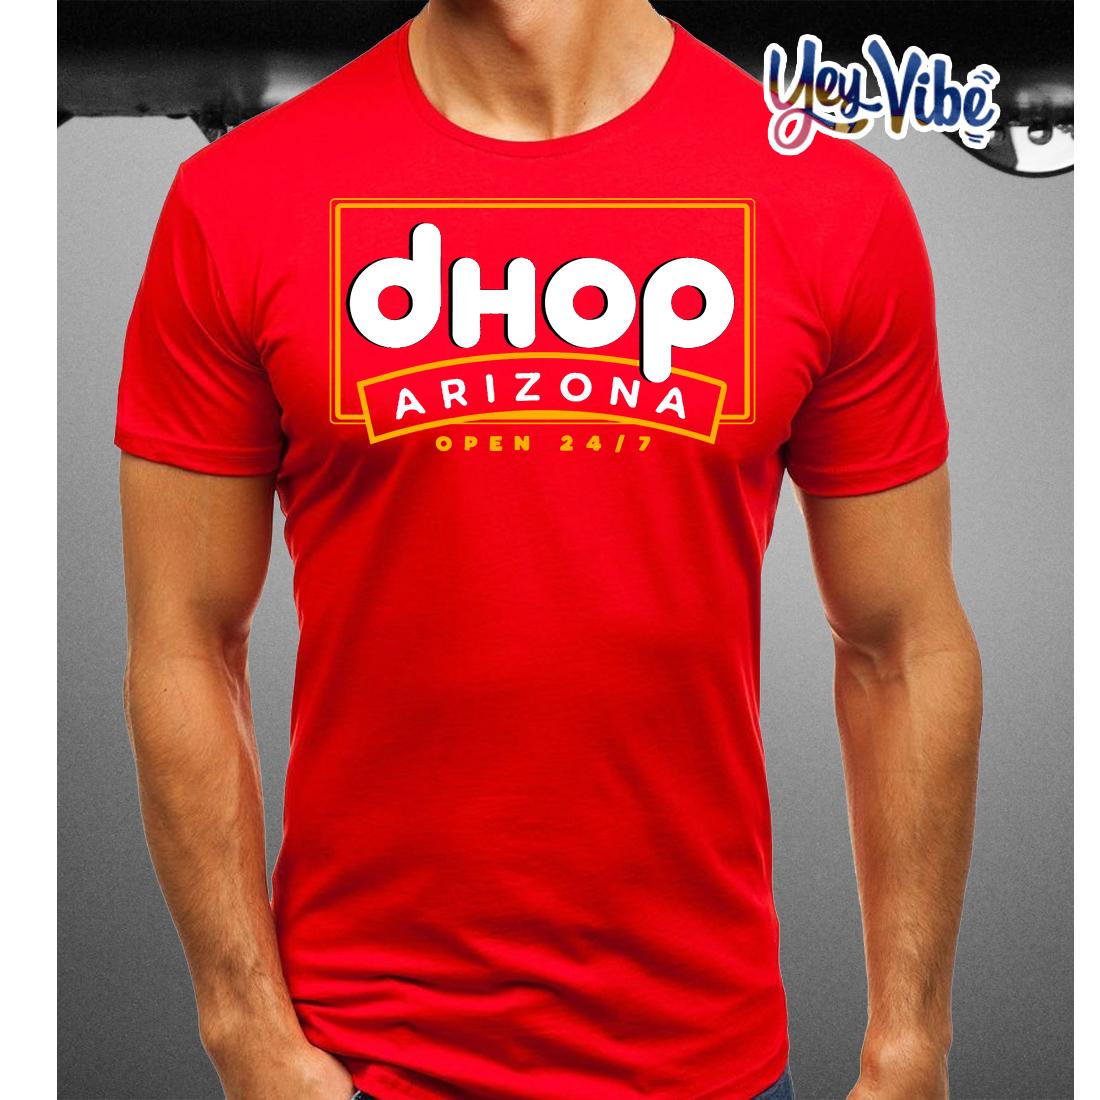 dHop Arizona Open 24-7 Shirt